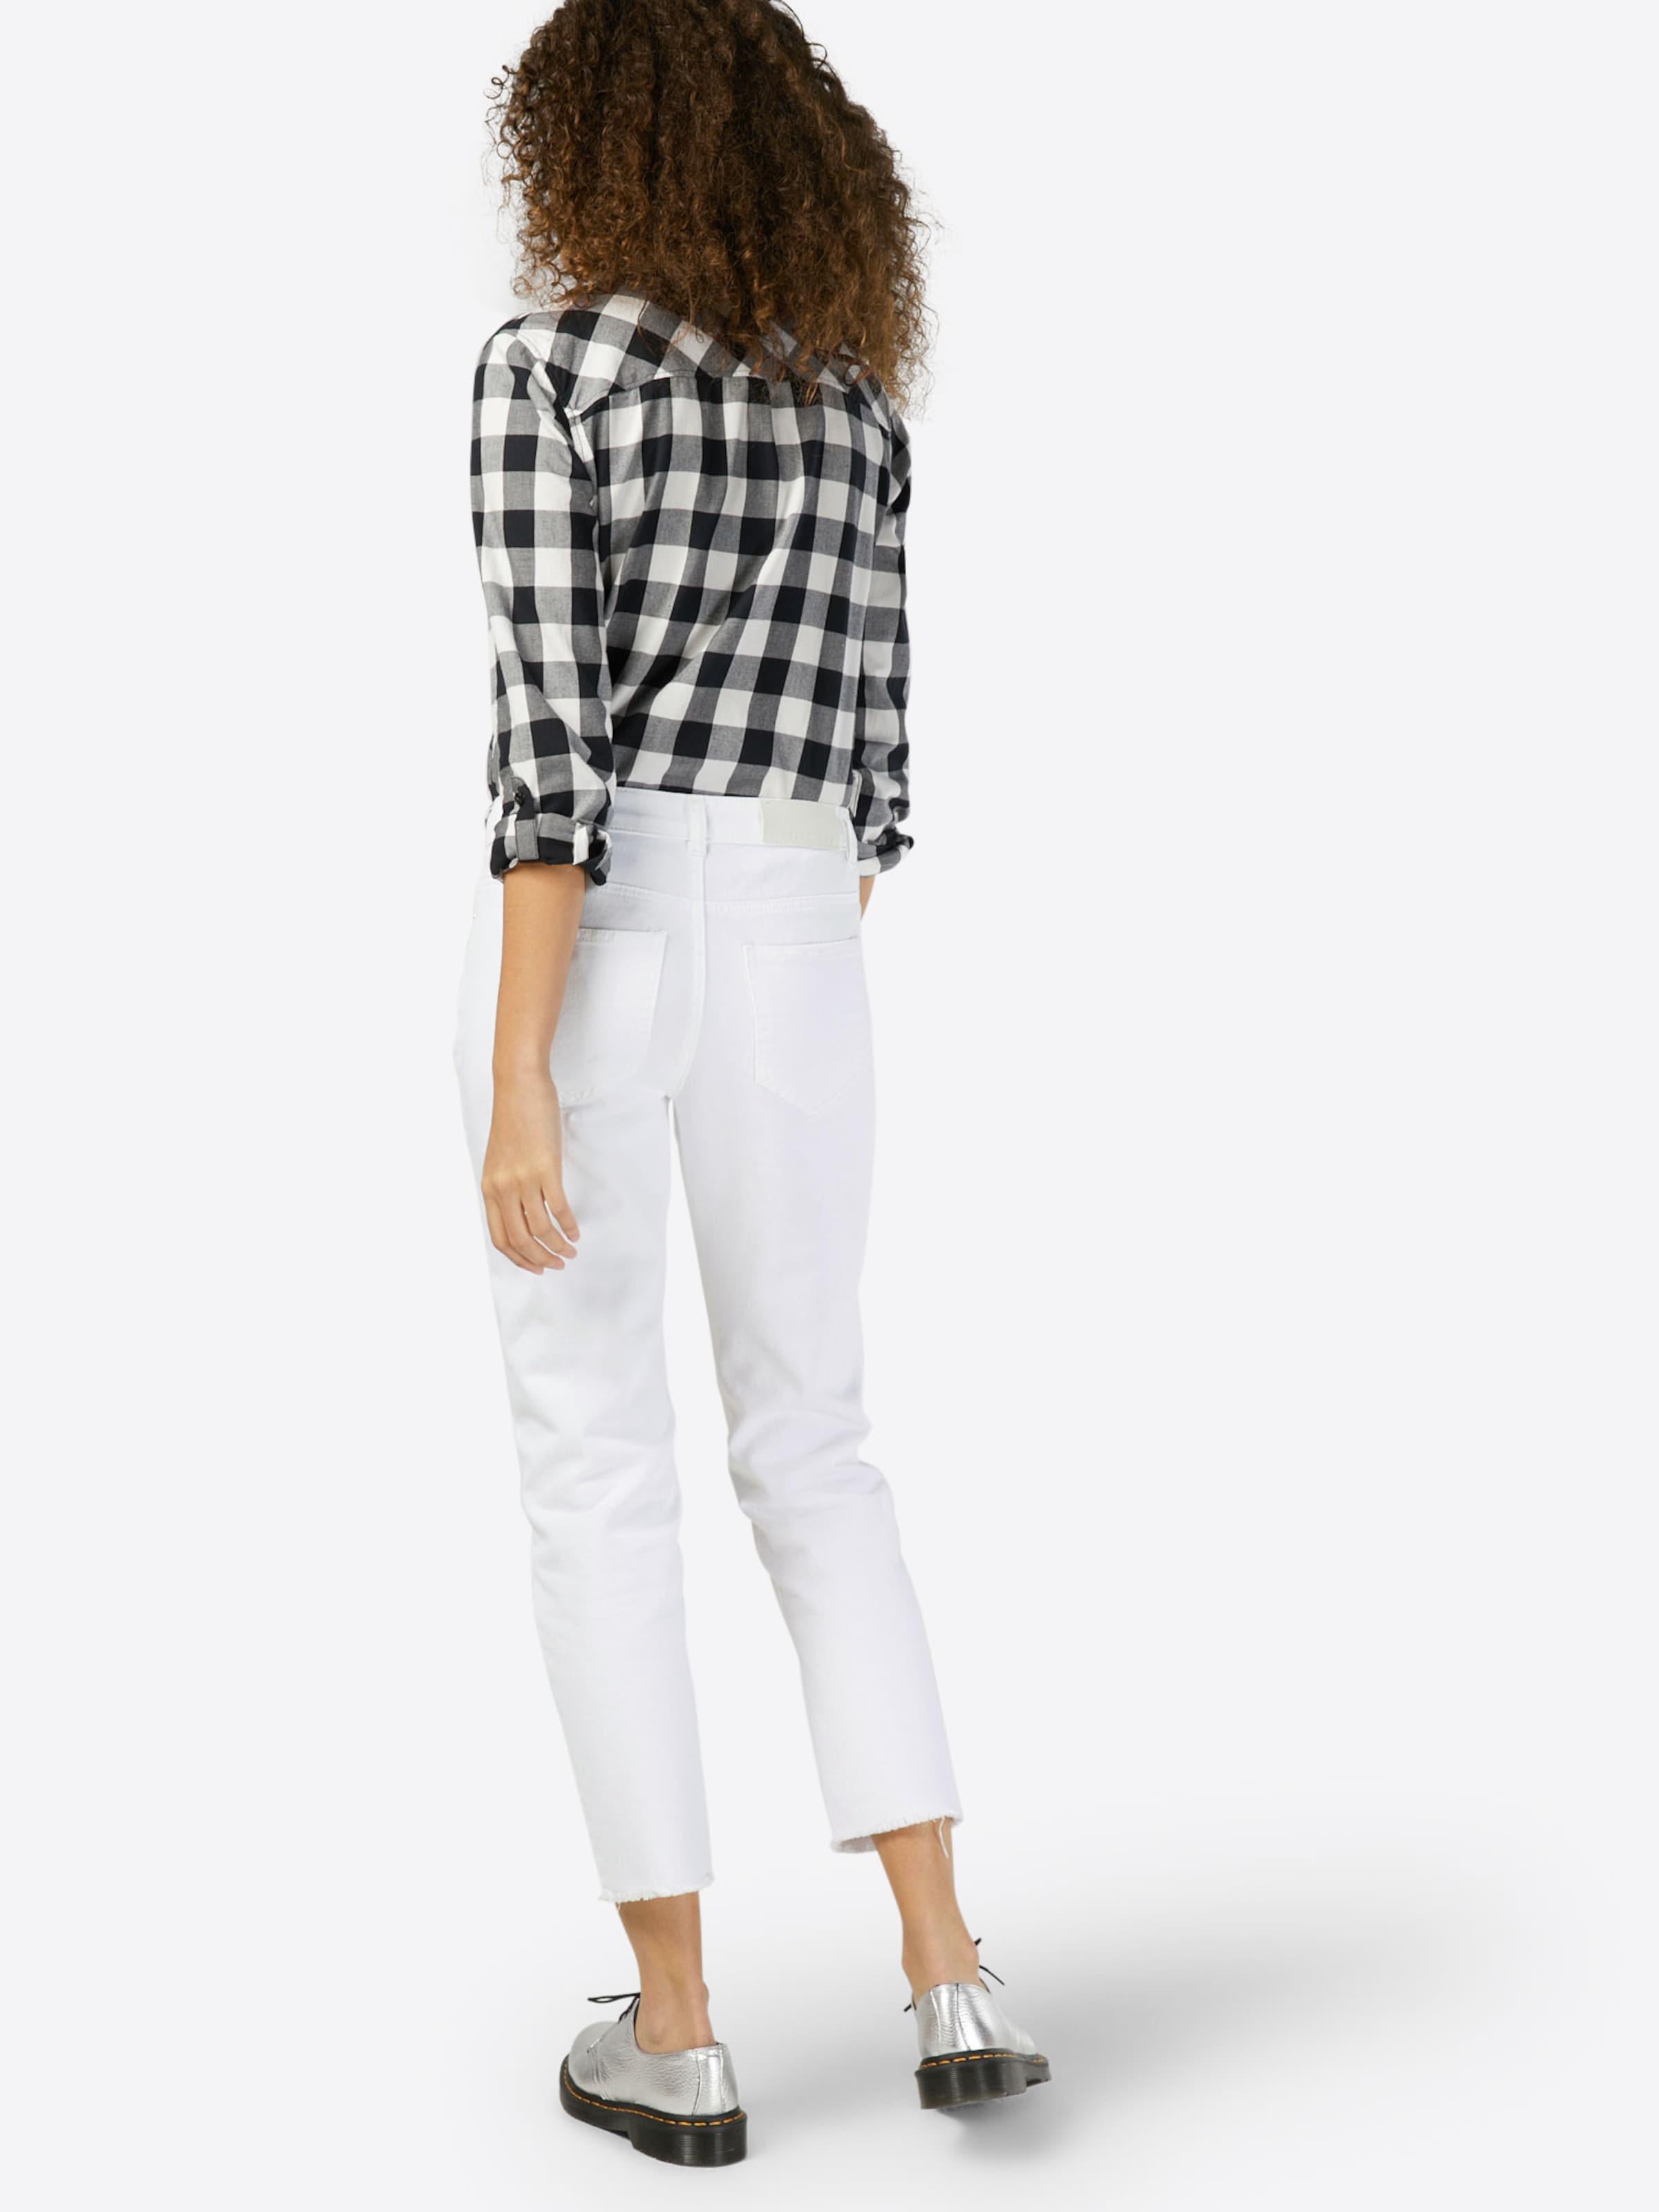 May Noisy Jeans' Jean Color Destroy Blanc En Nw 'nmkim Loose TlFc31KJ